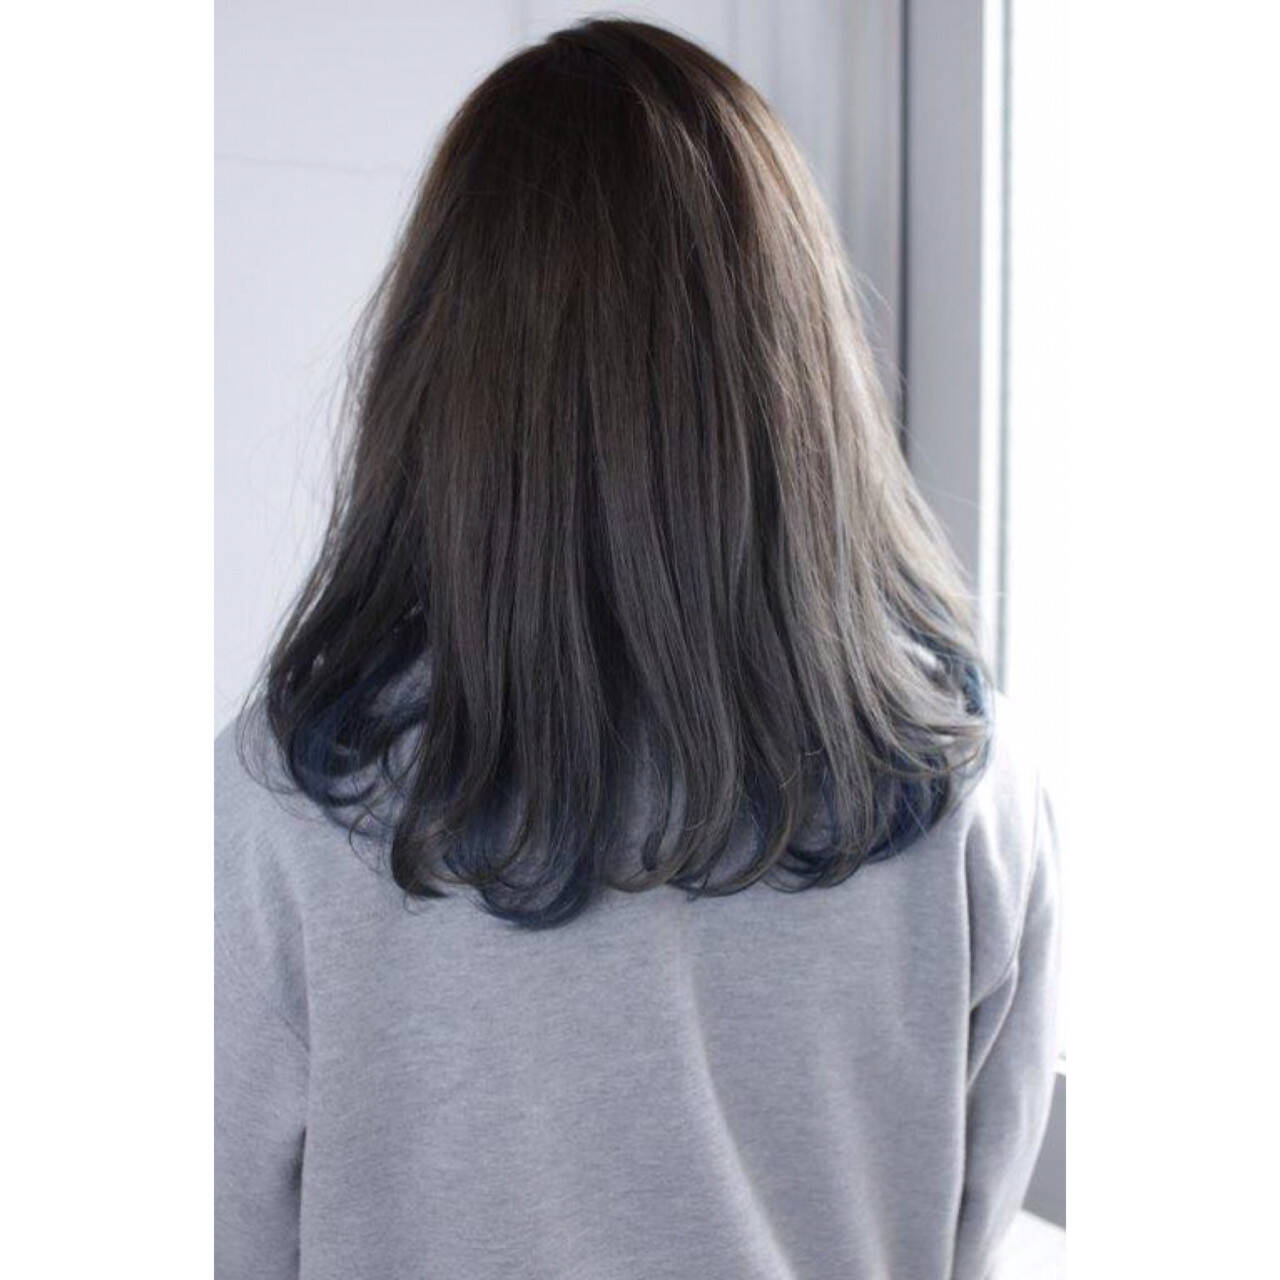 インナーカラー グレー ネイビー ナチュラルヘアスタイルや髪型の写真・画像